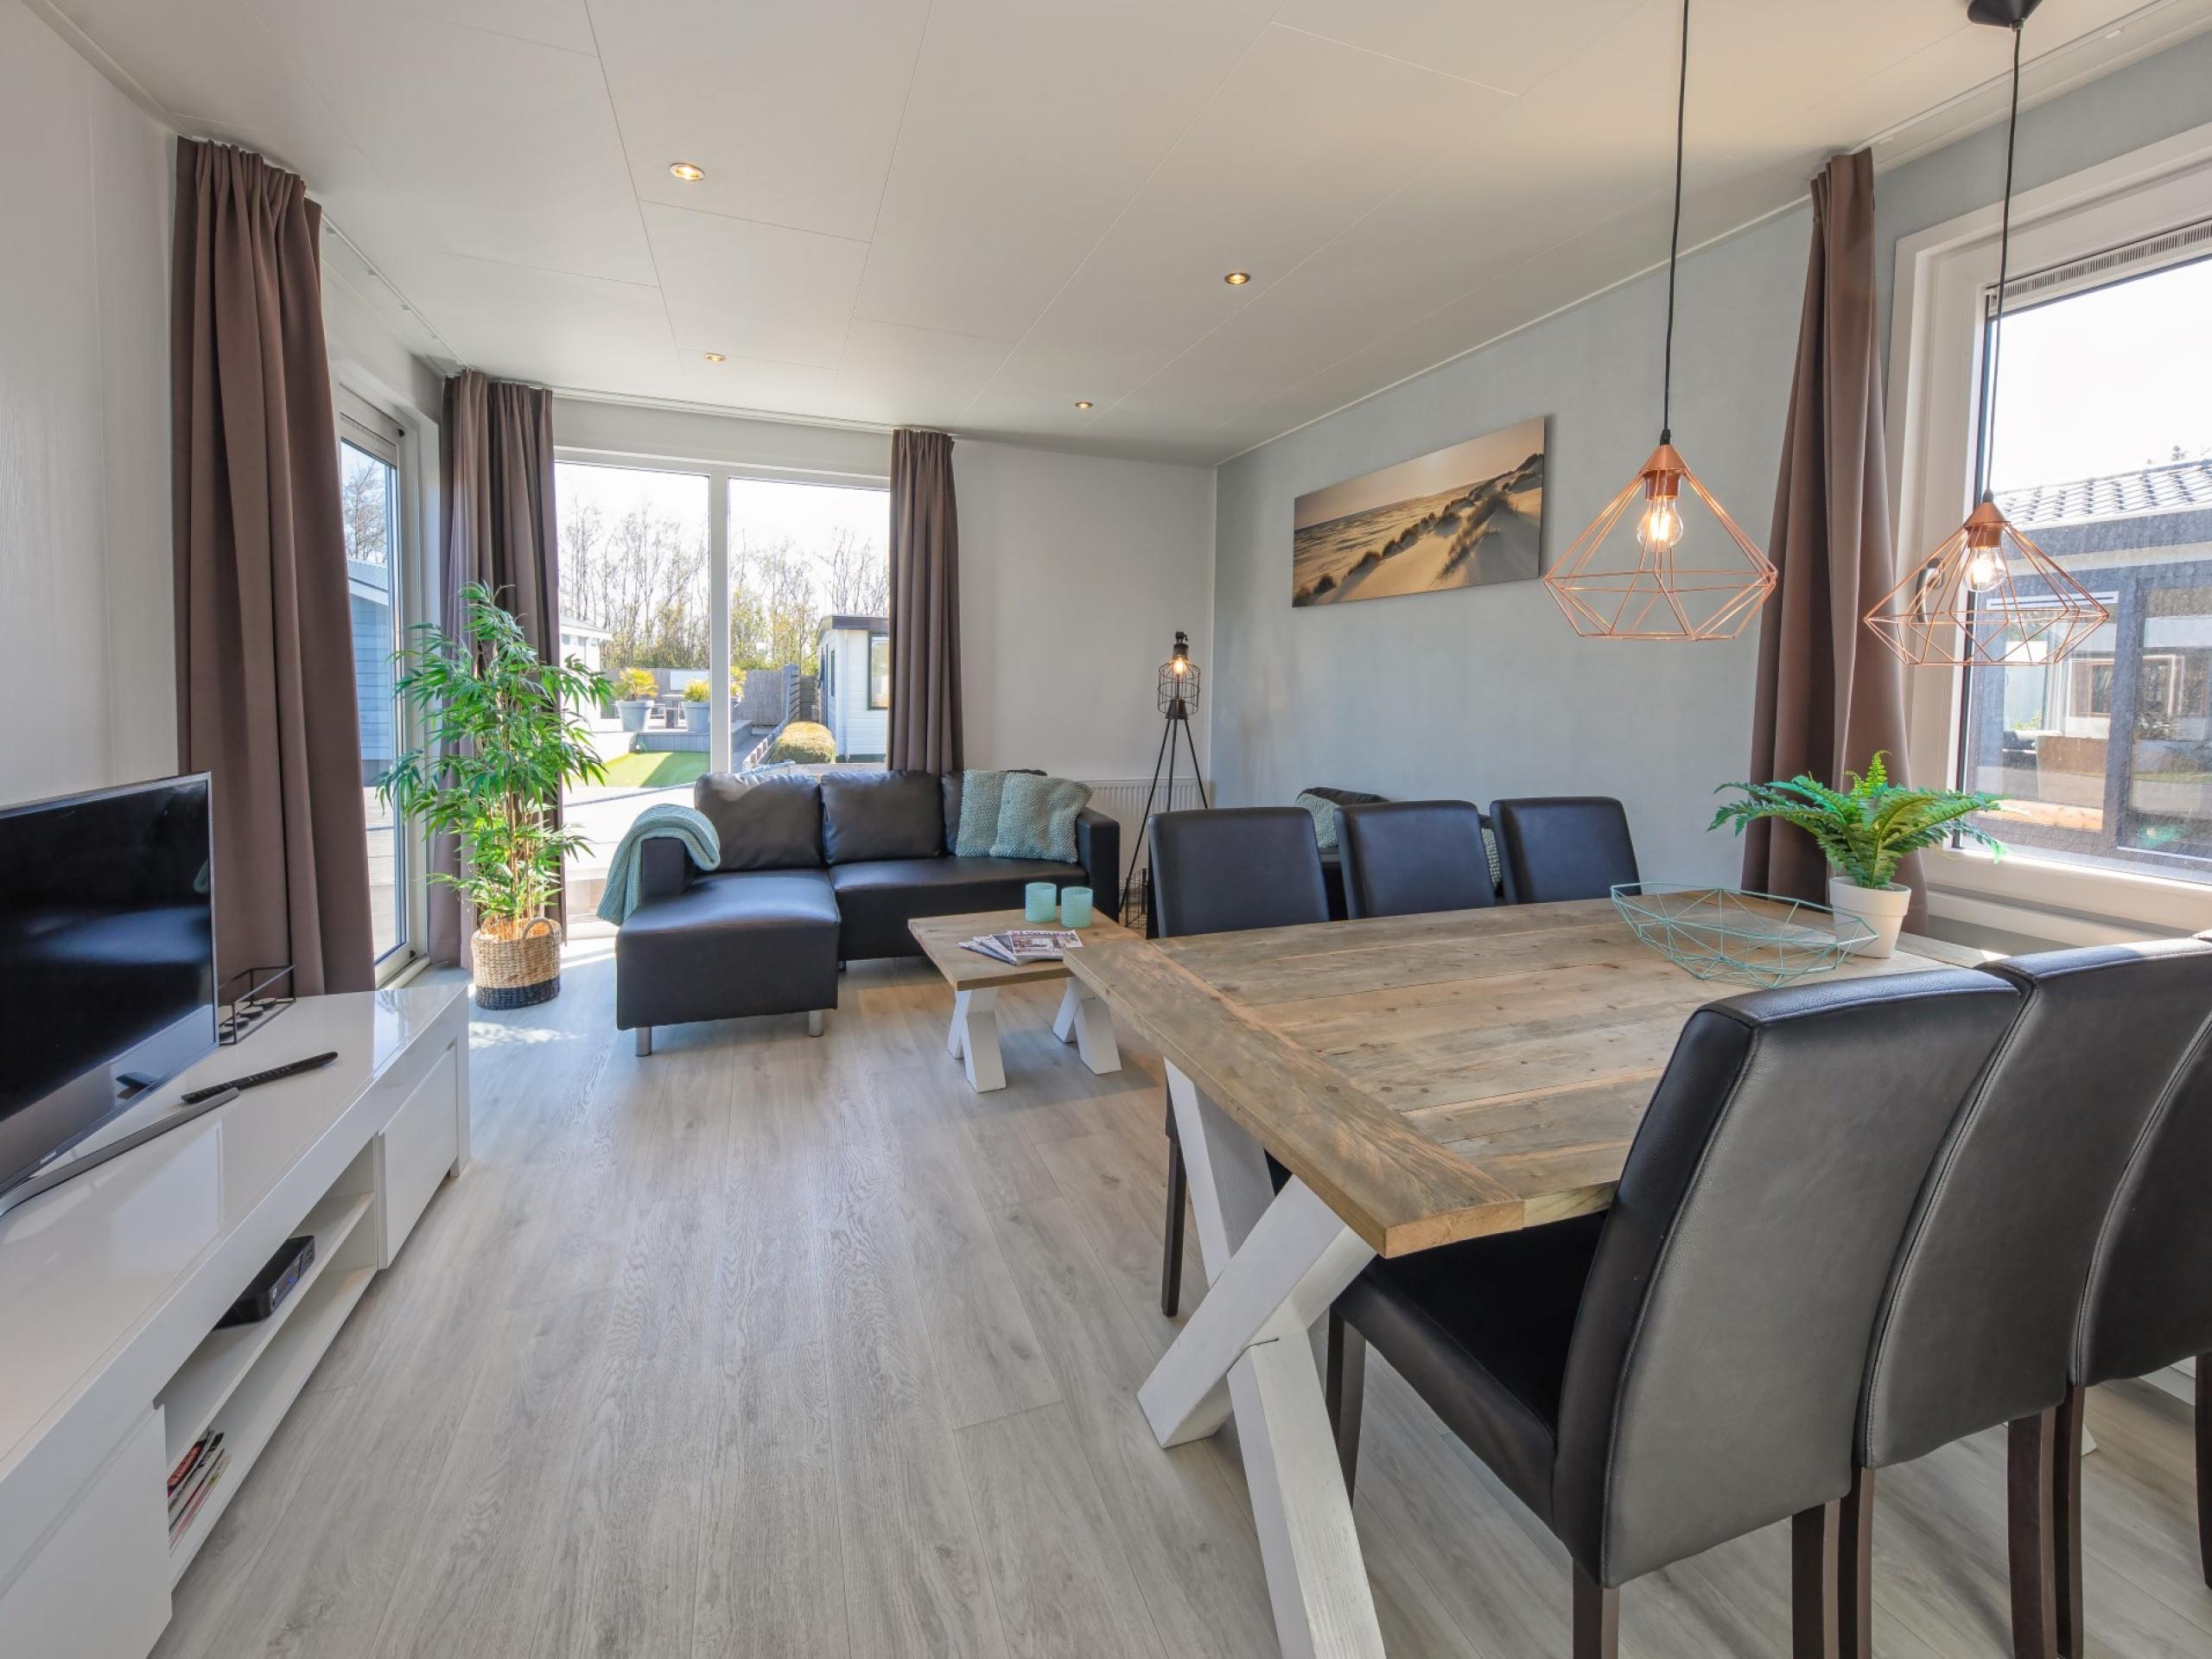 Luxuriöses, modernes Chalet in der Nähe des Nordseestrandes in De Koog